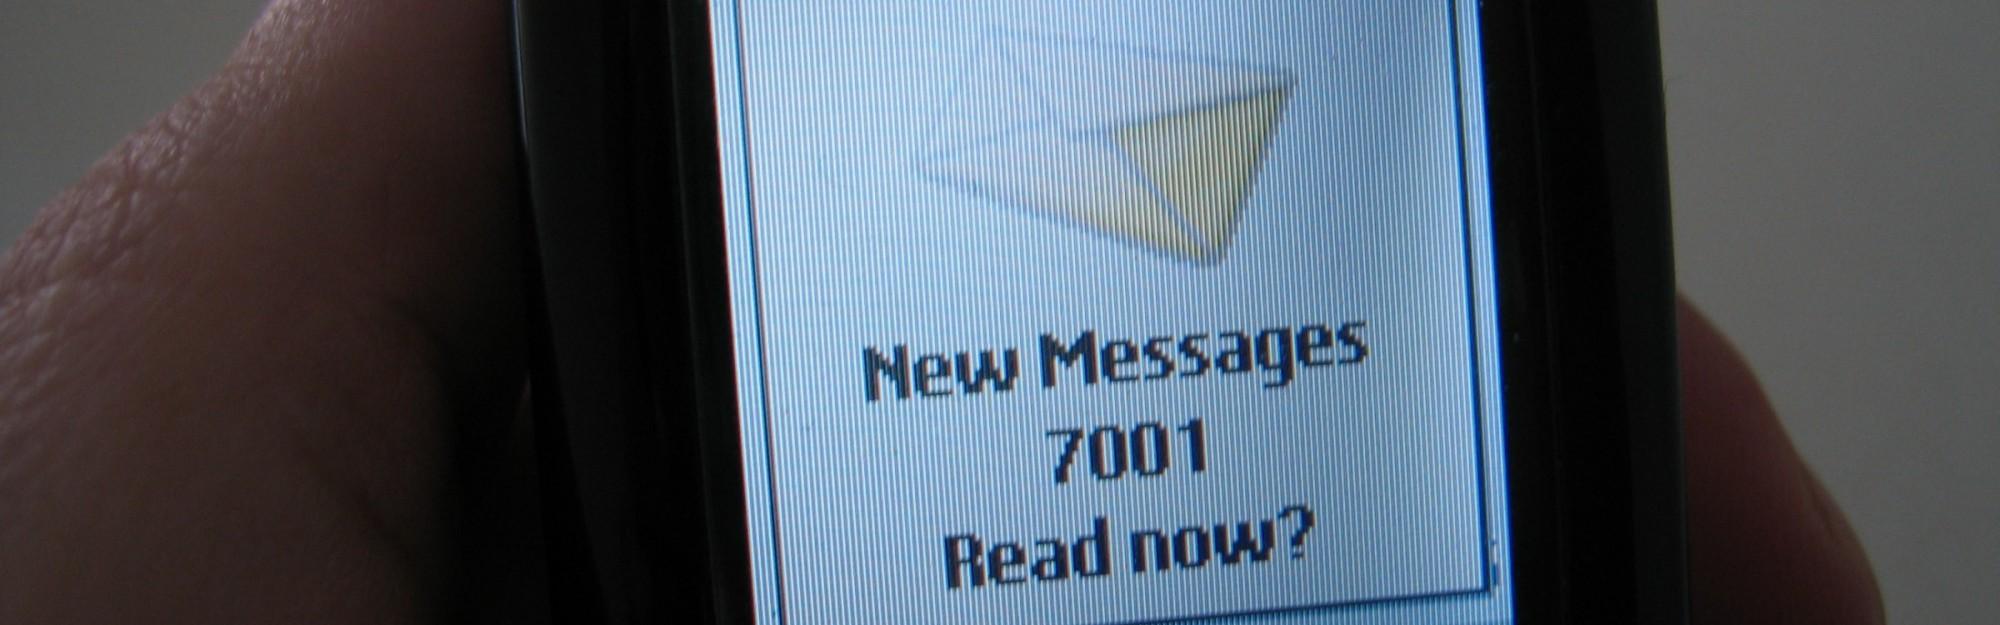 Wie schreibt man kostenlos online eine Sms?